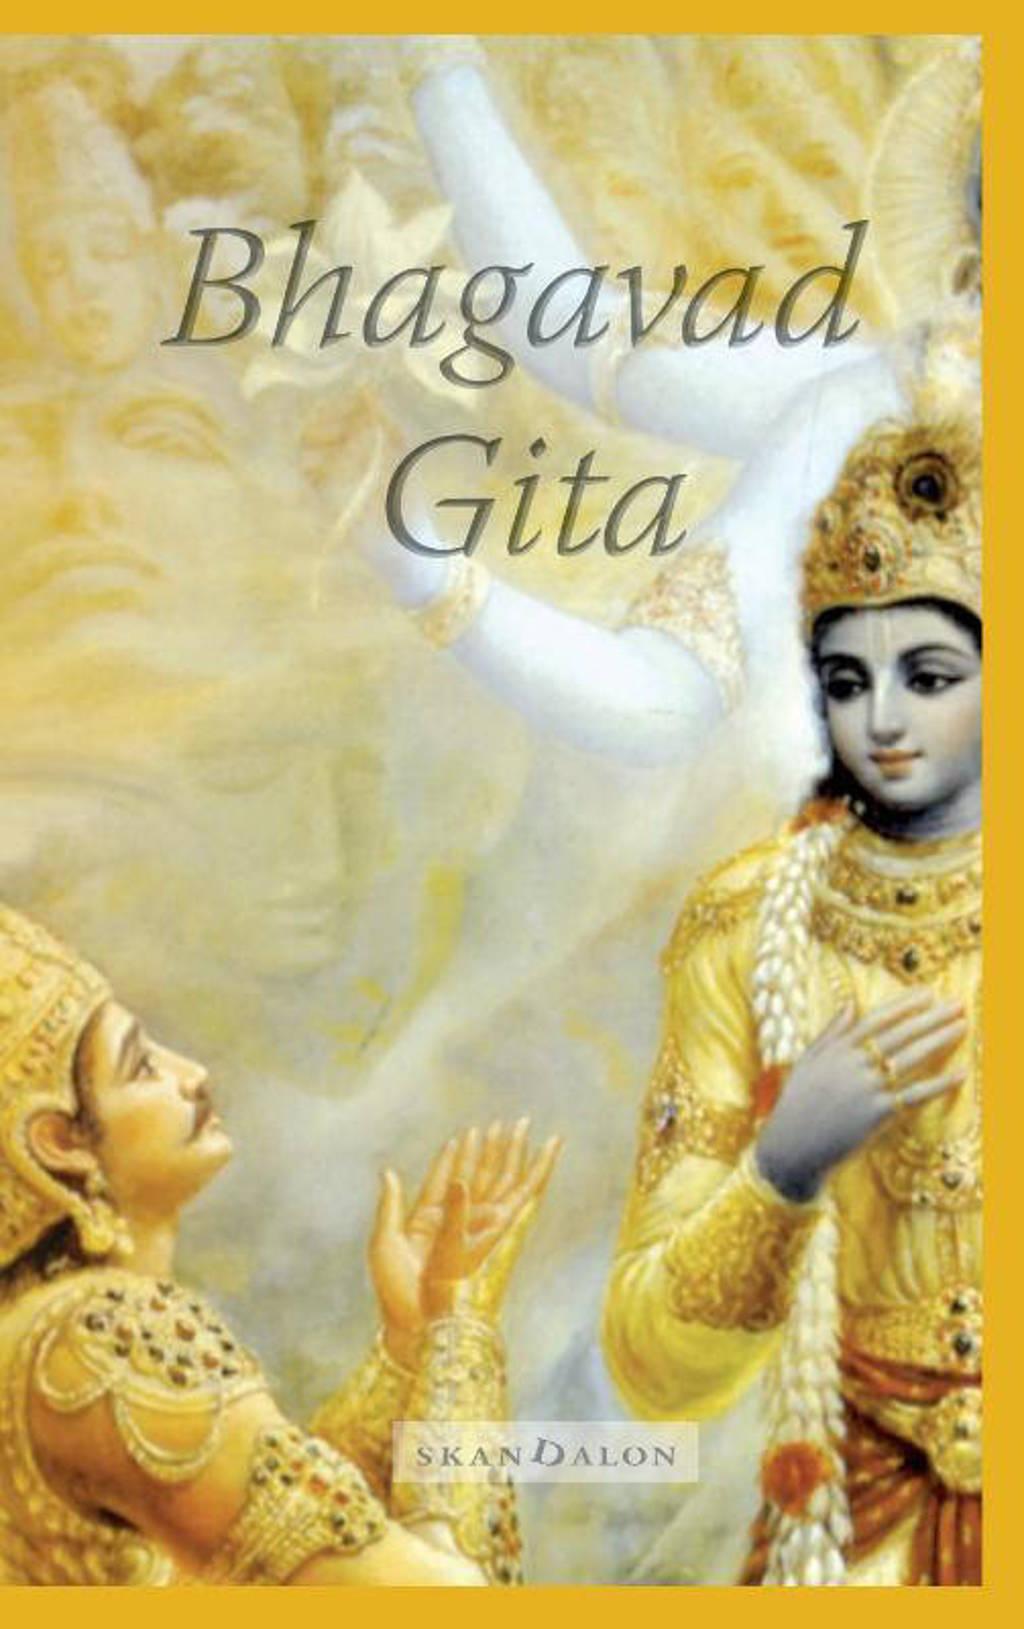 Bhagavad Gita - Guus Nooteboom